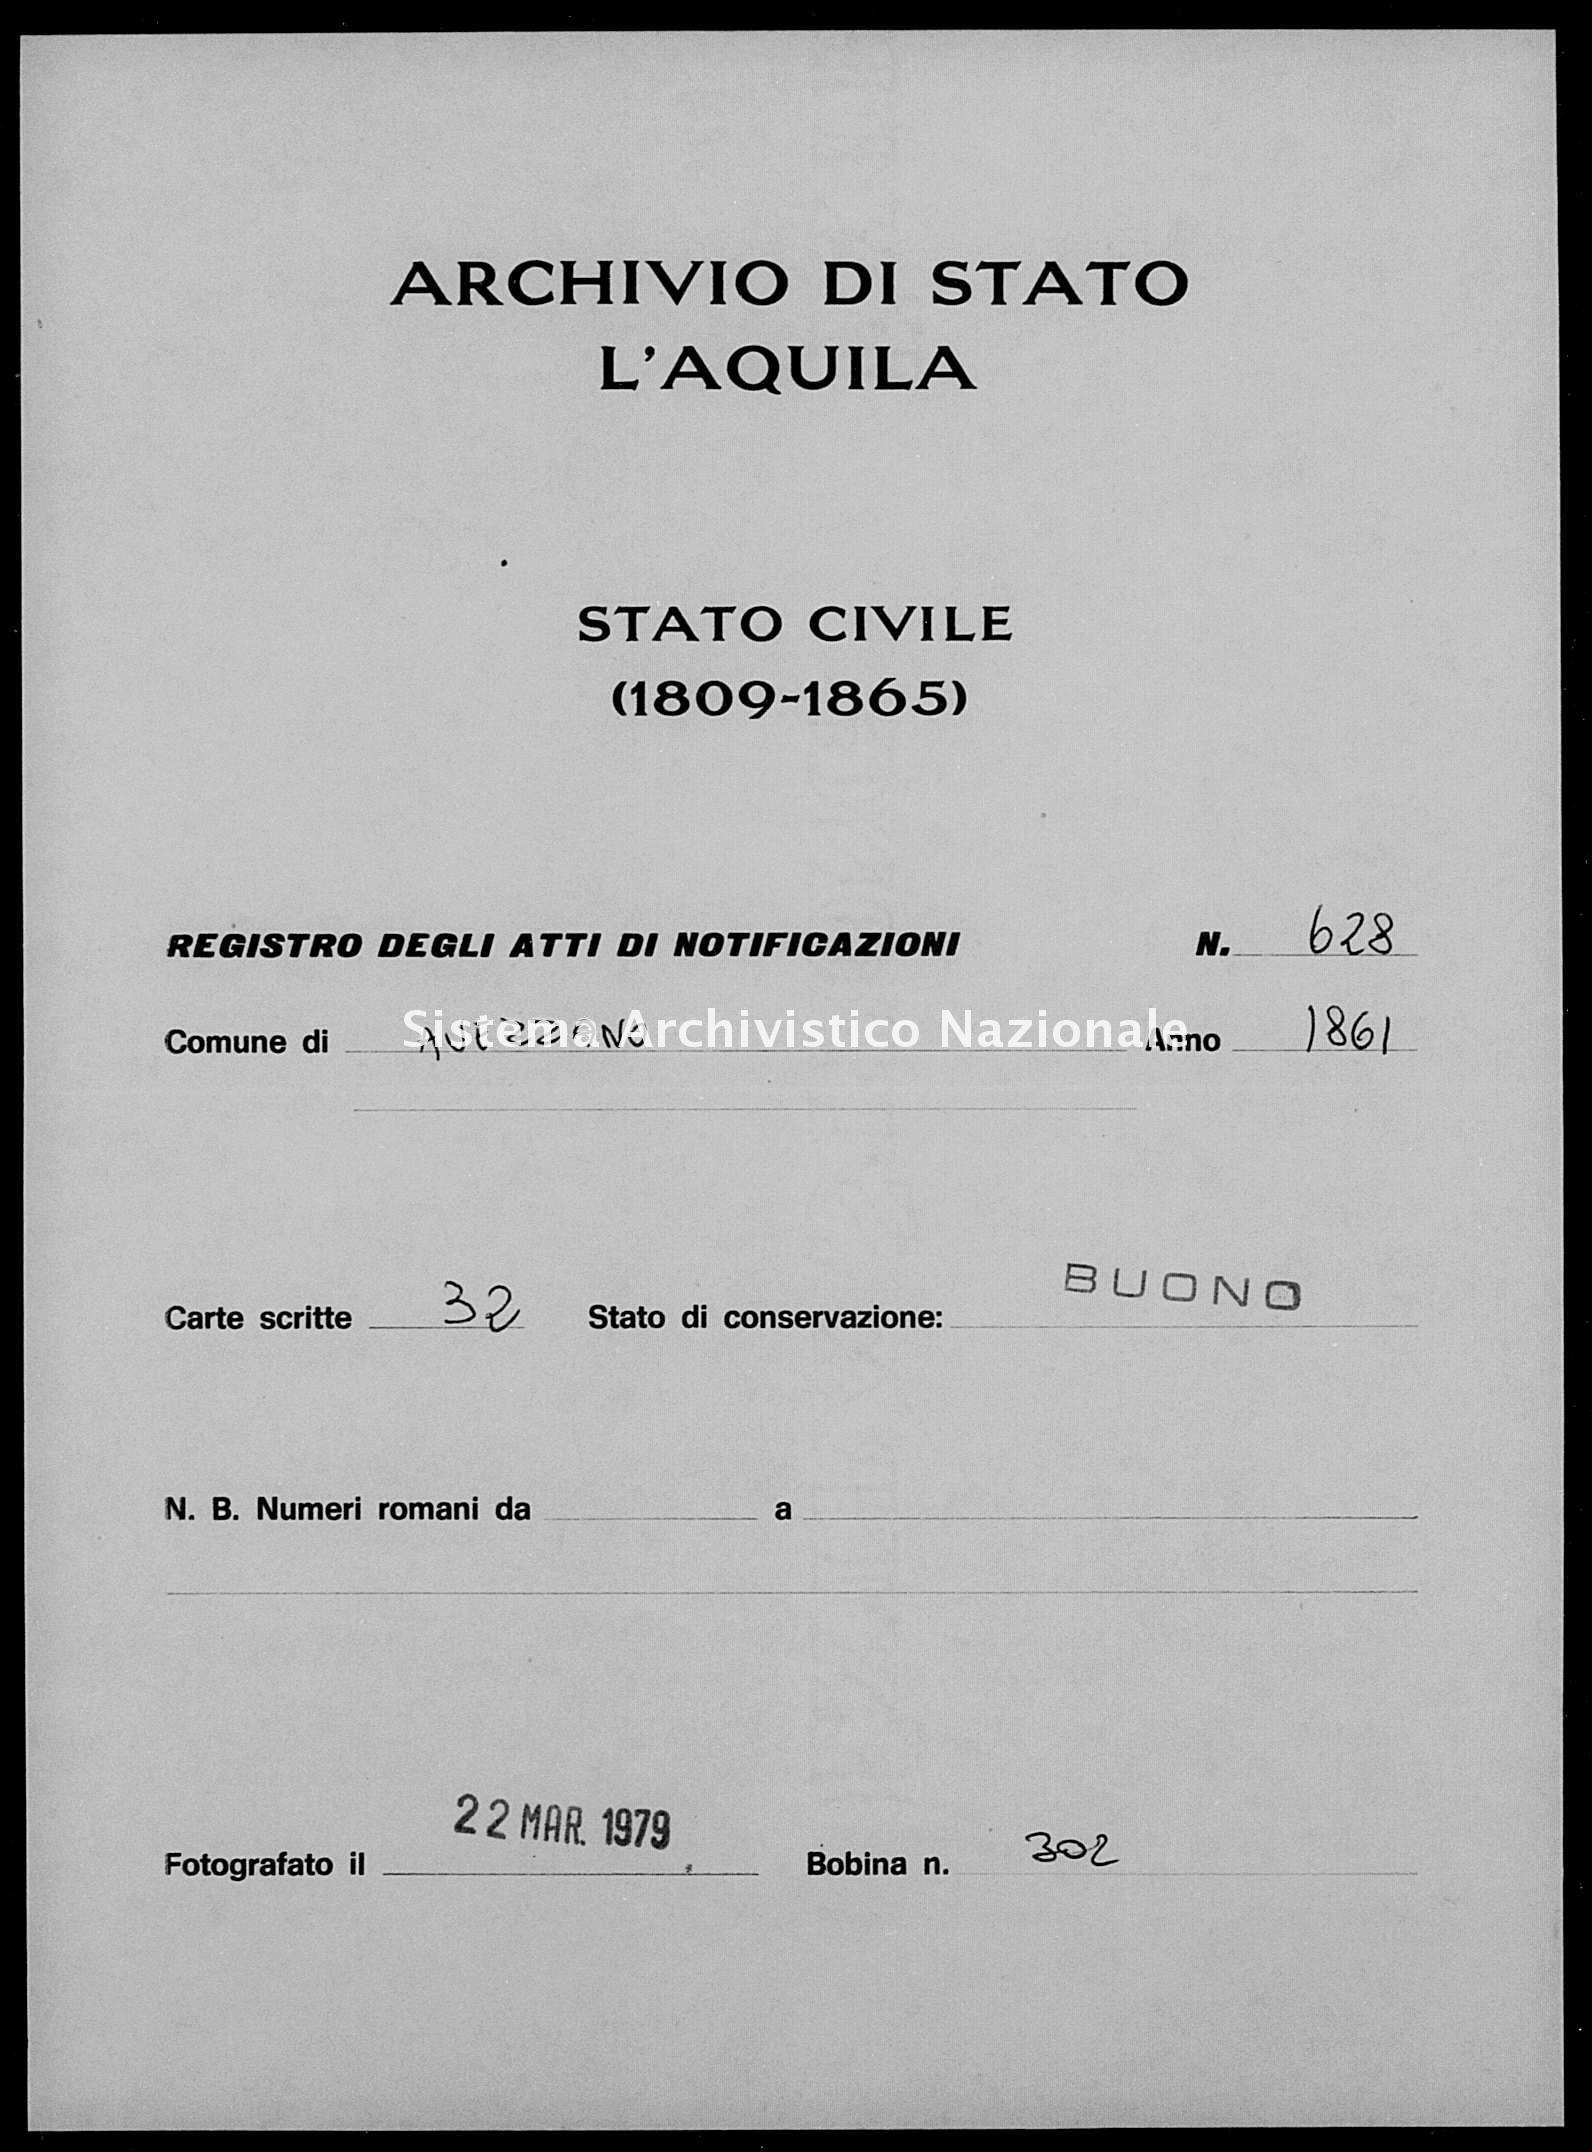 Archivio di stato di L'aquila - Stato civile italiano - Avezzano - Matrimoni, memorandum notificazioni ed opposizioni - 1861 - 628 -